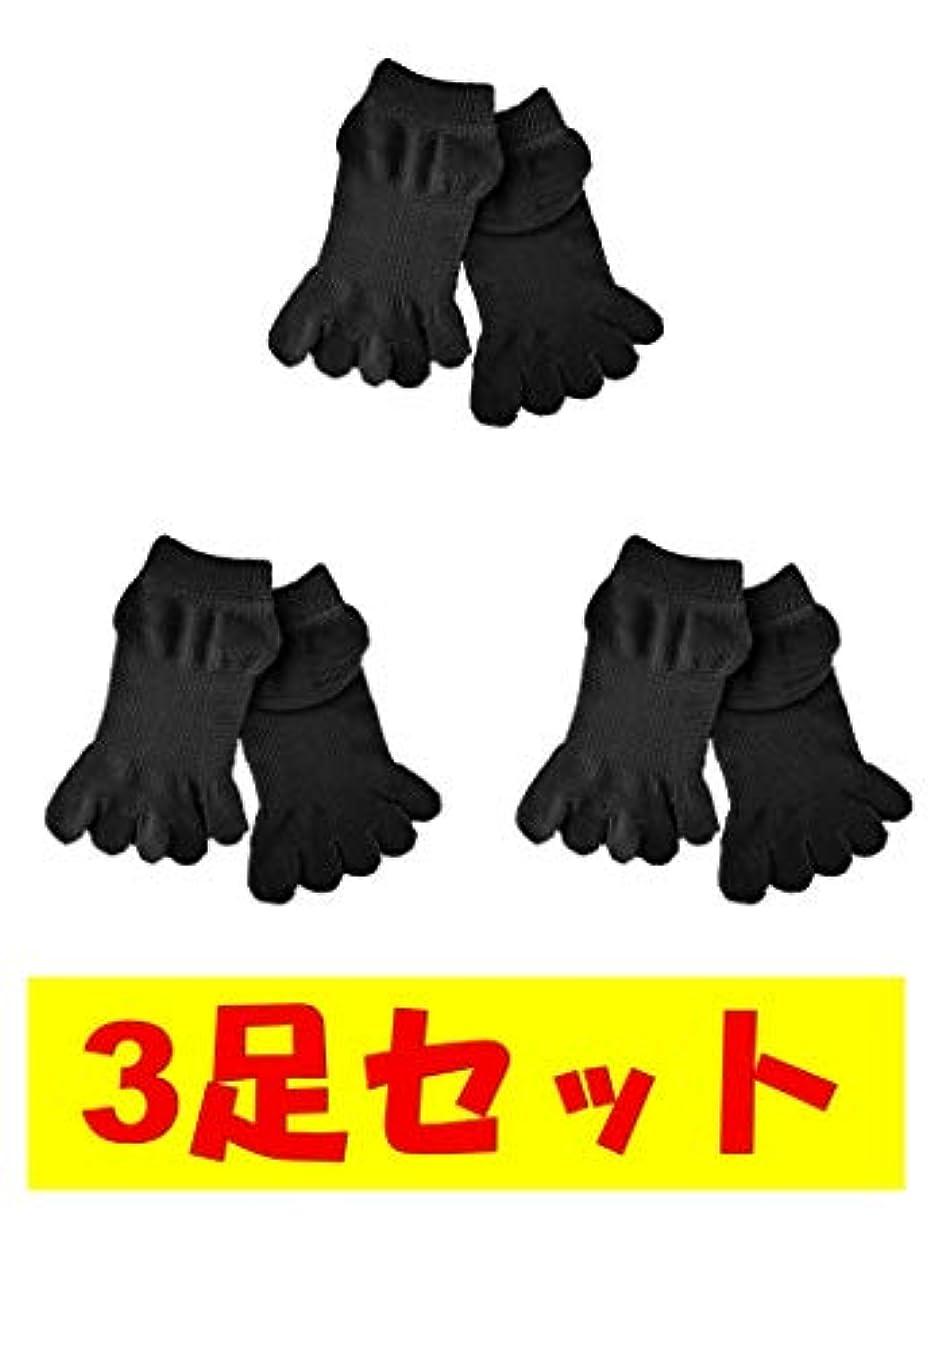 蚊終わり終了するお買い得3足セット 5本指 ゆびのばソックス ゆびのば アンクル ブラック Sサイズ 21.0cm-24.0cm YSANKL-BLK